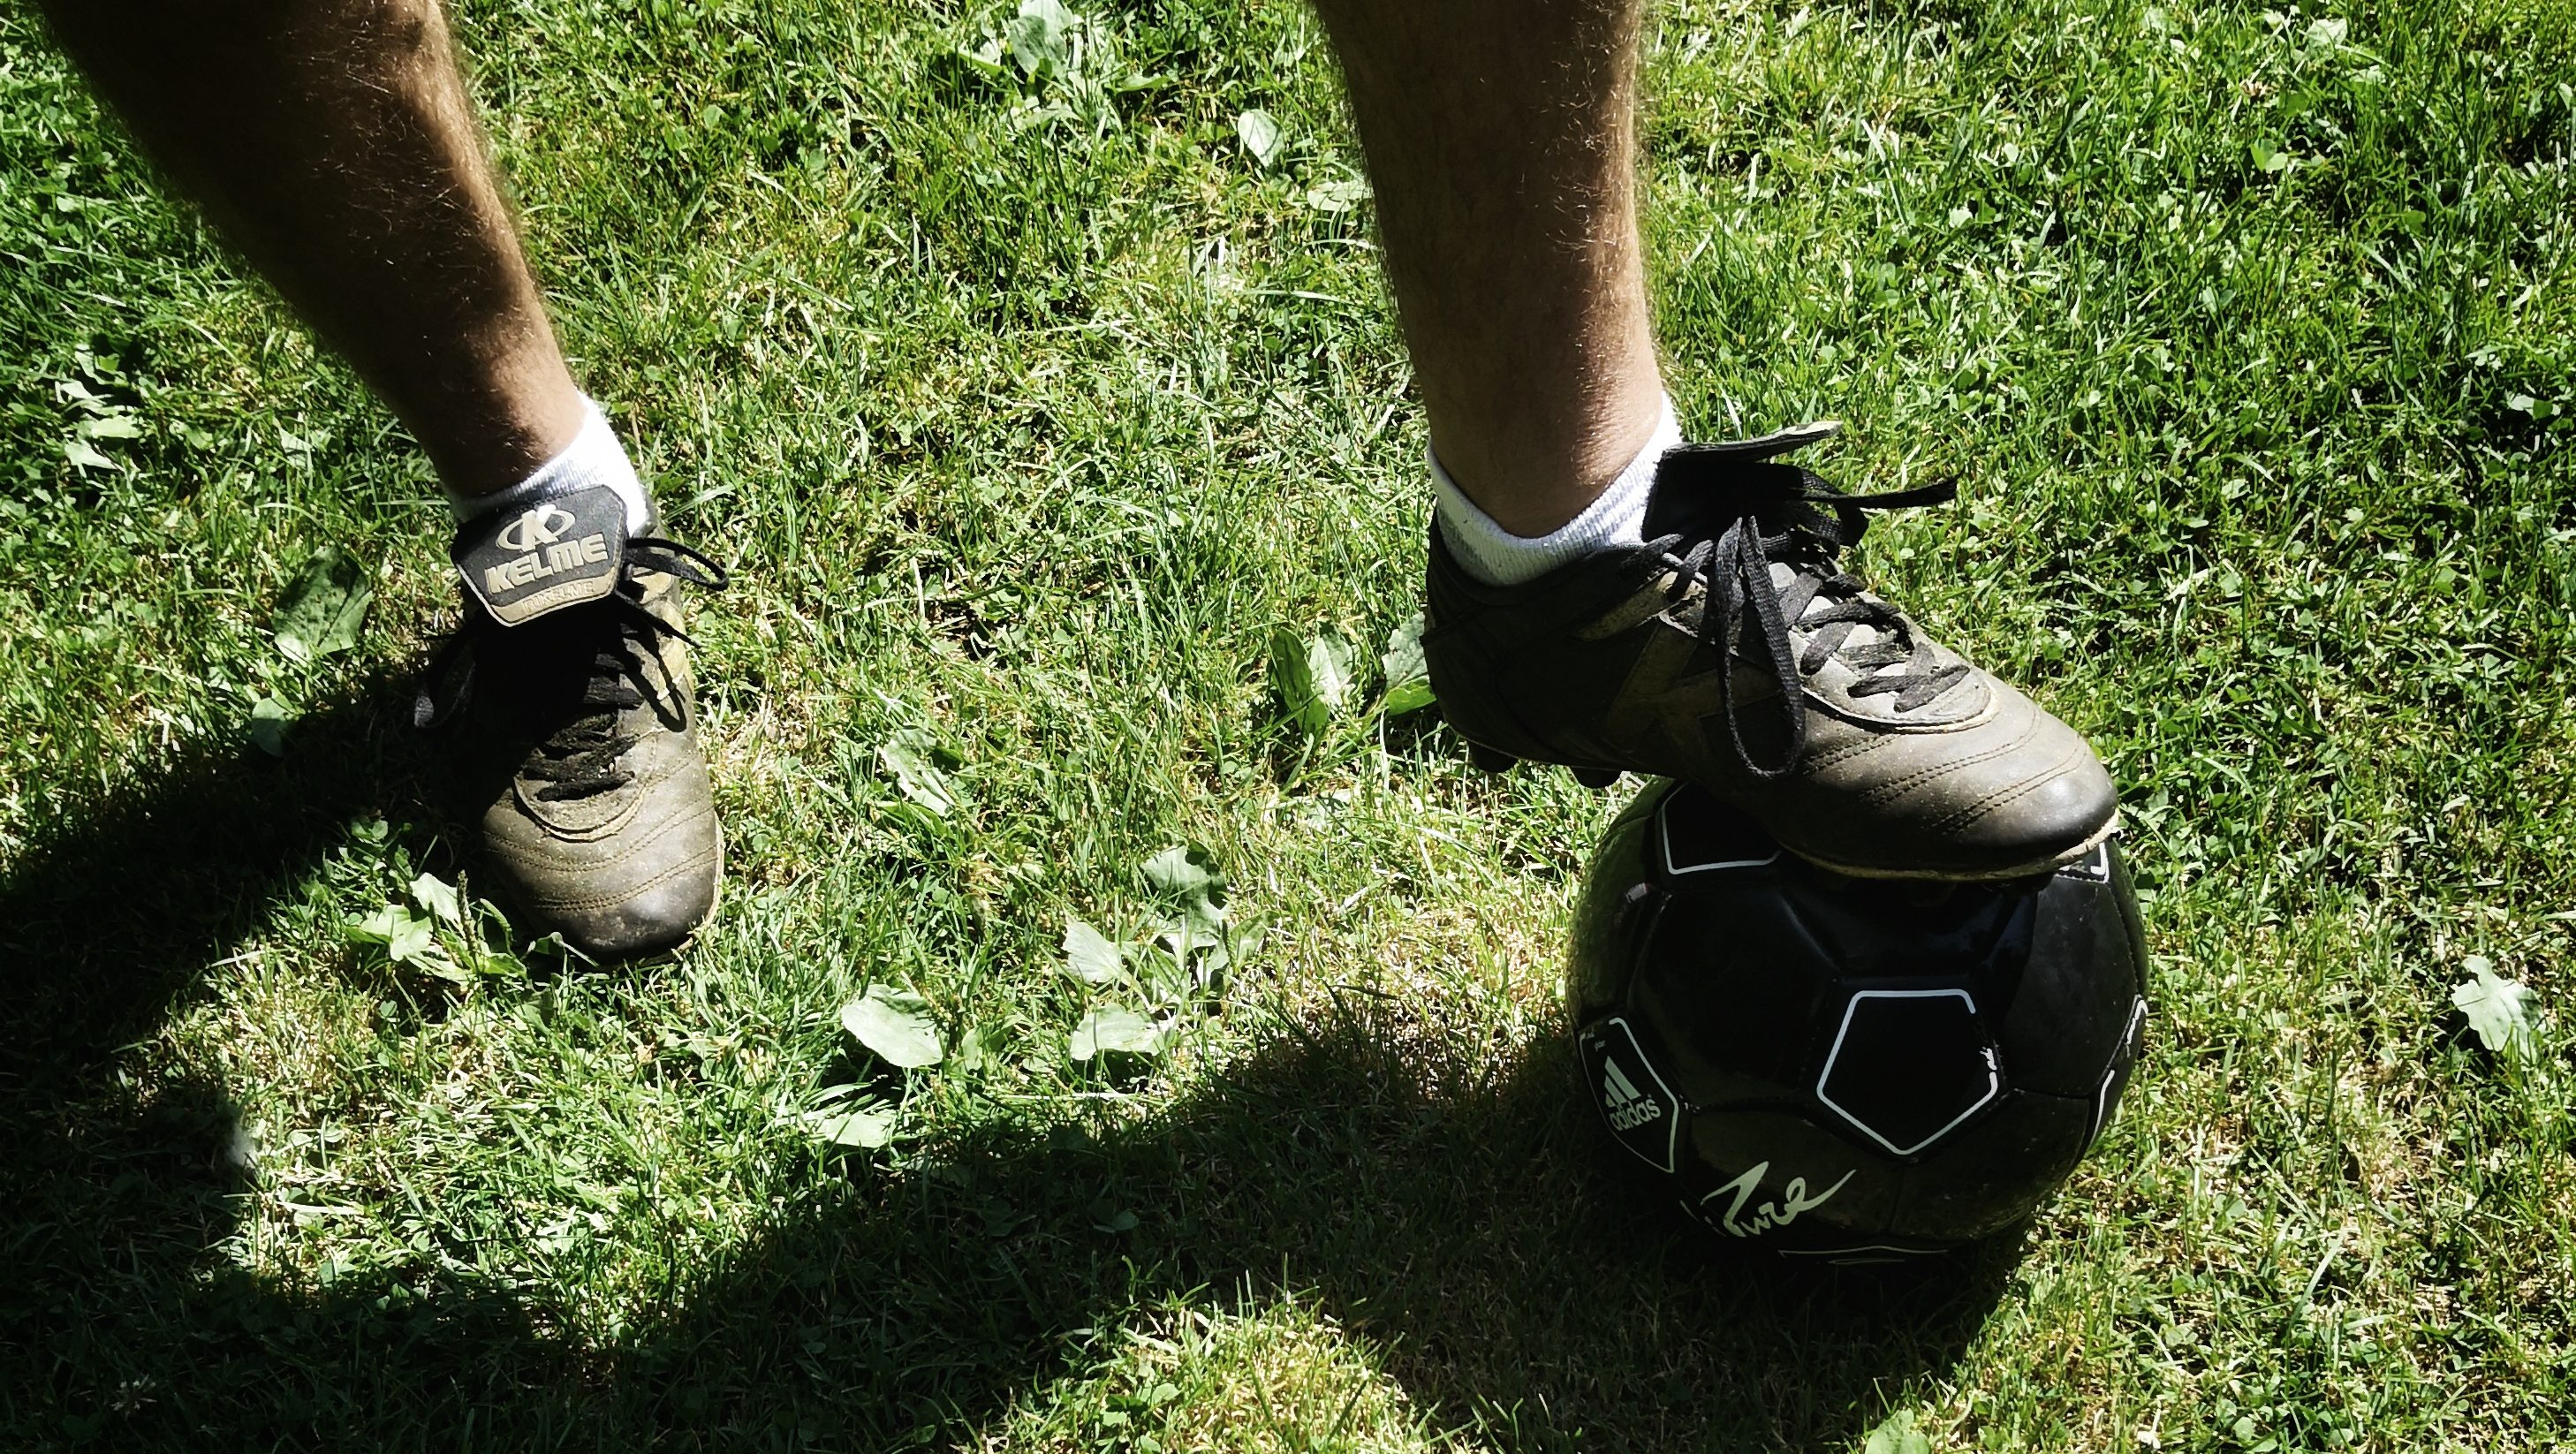 Notranja motivacija nogometašev- kako izkoristiti ves potencial